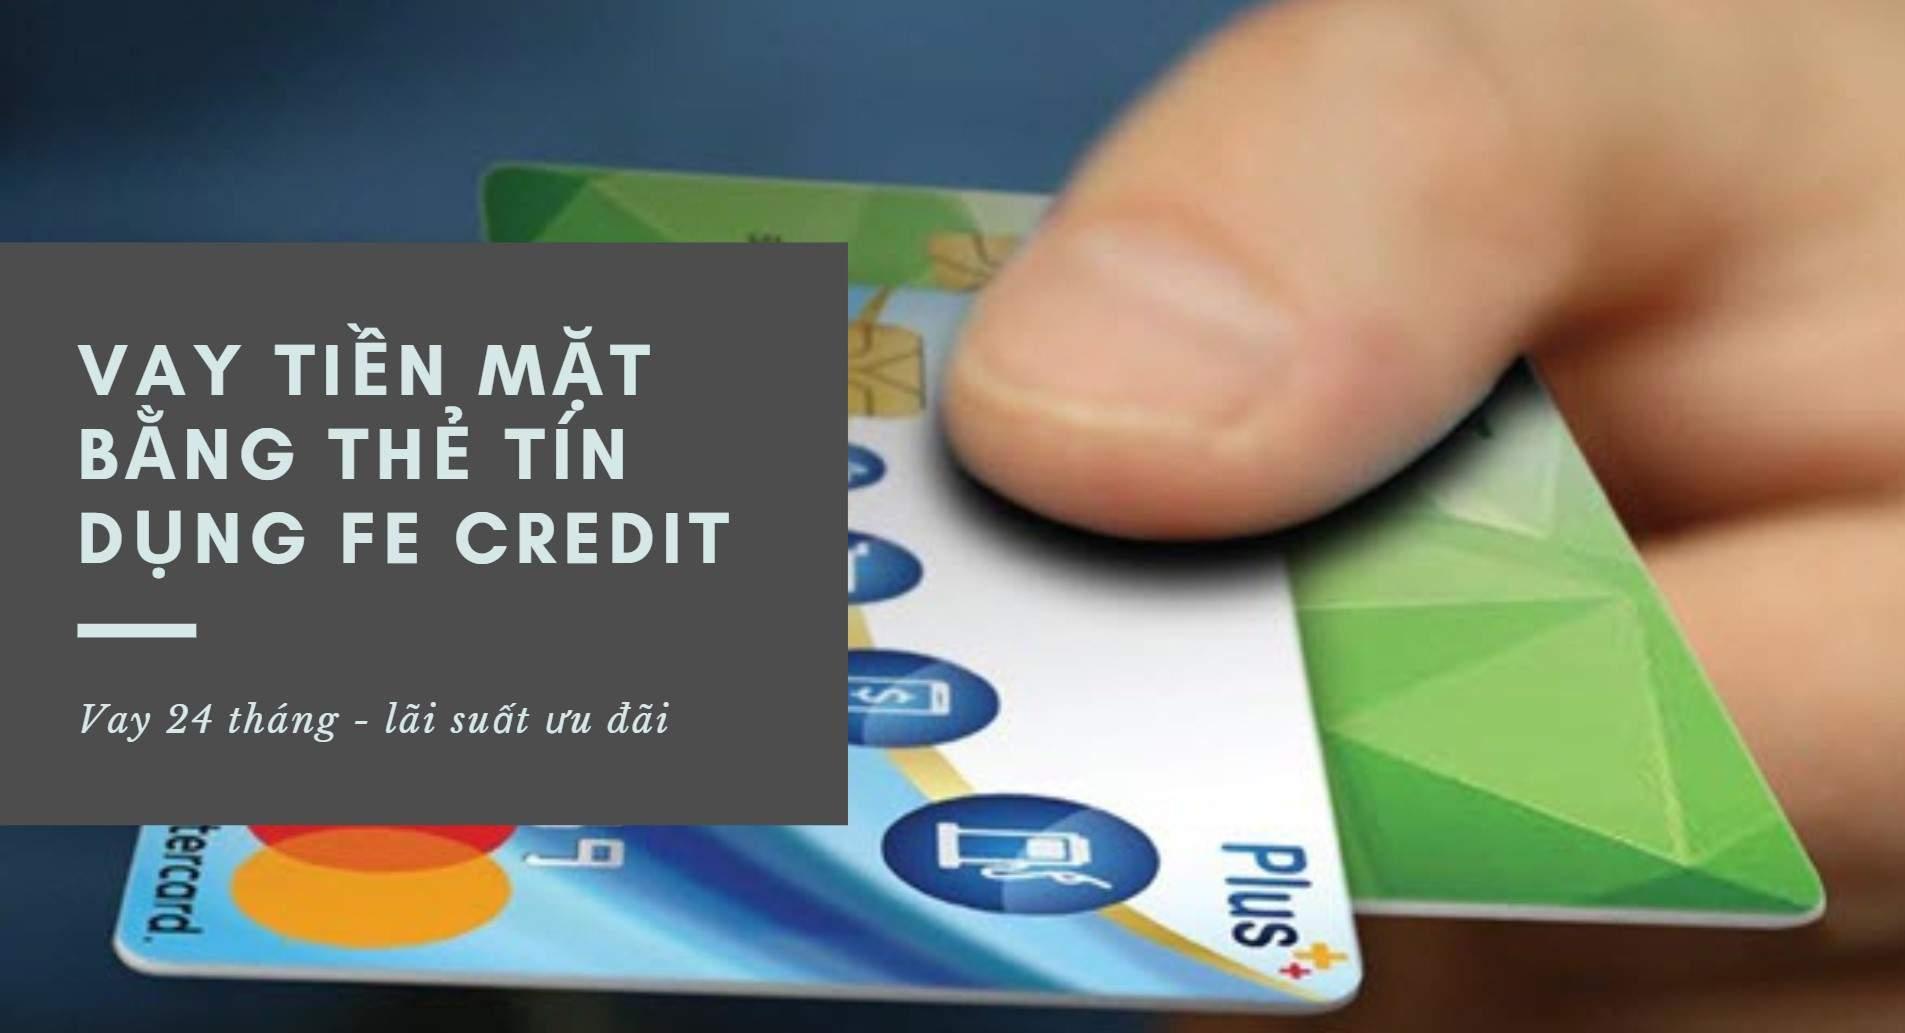 Vay tiền mặt bằng thẻ tín dụng Fe Credit